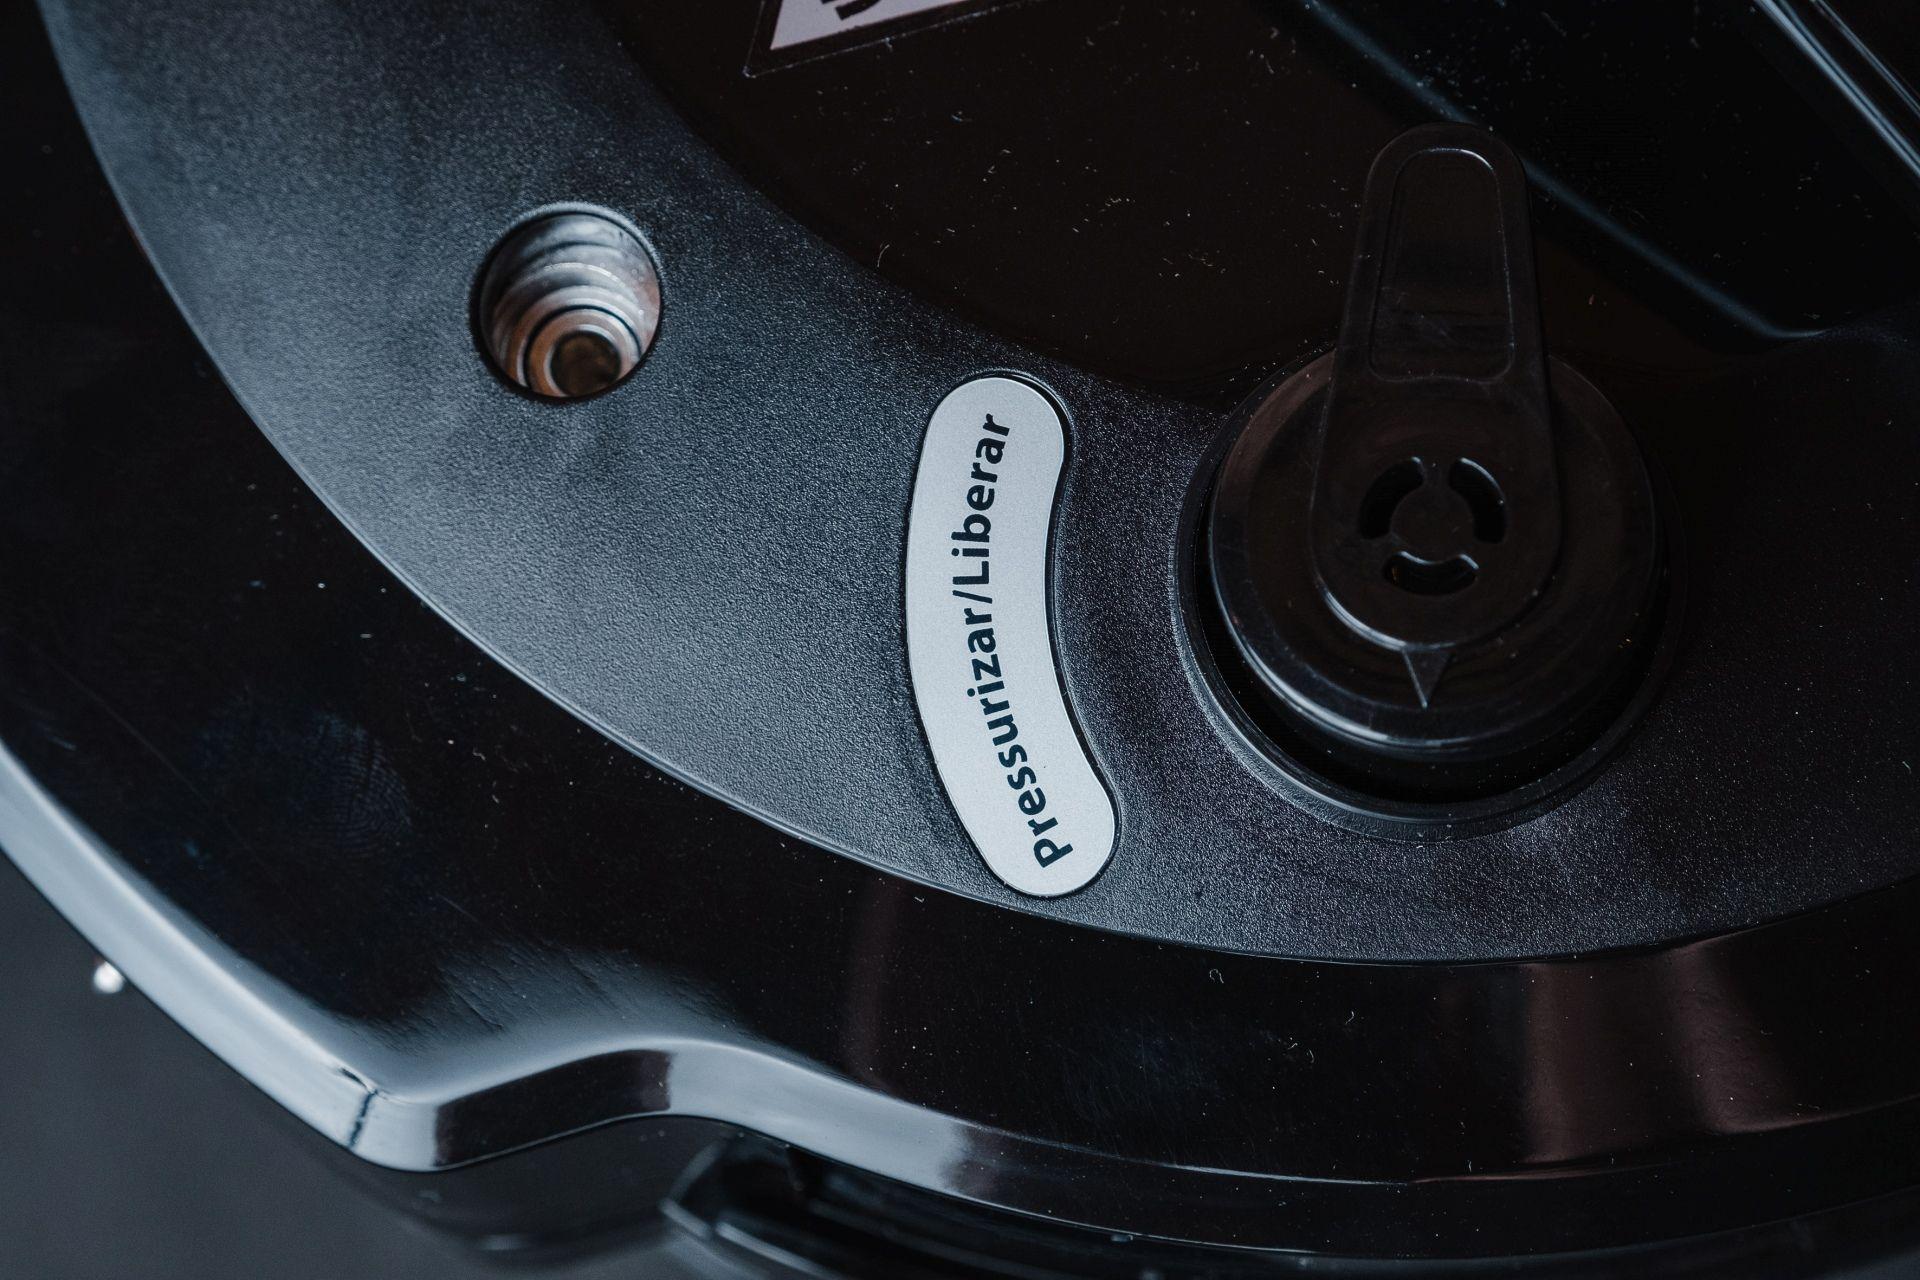 A válvula de liberação de pressão da Philco Digital Inox (Foto: Zoom)